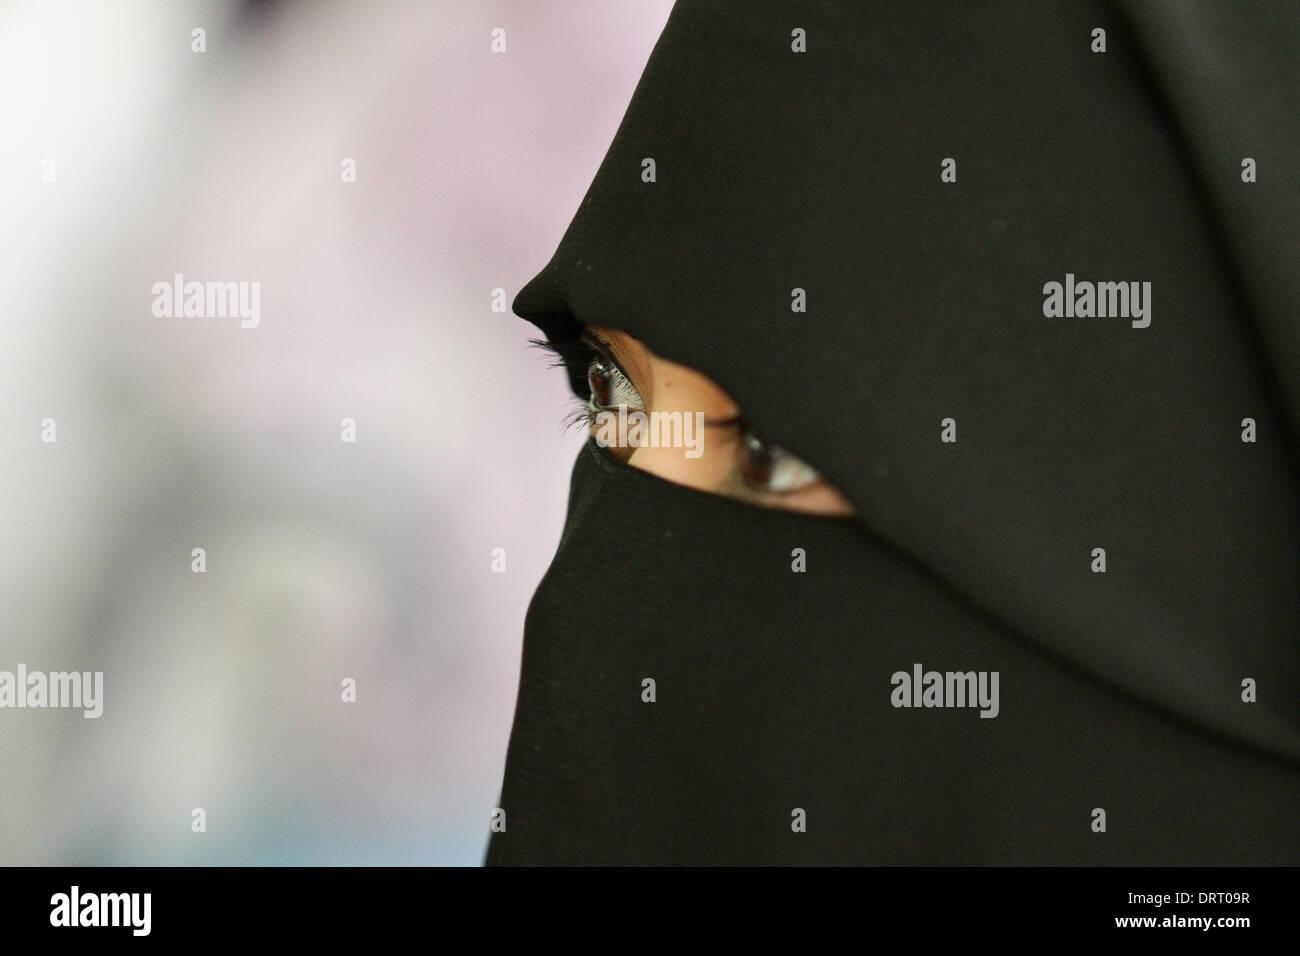 Quezon, Philippinen. 1. Februar 2014. Eine muslimische Frau ein volles Gesicht Hijab tragen besucht die Welt Hijad Stockbild